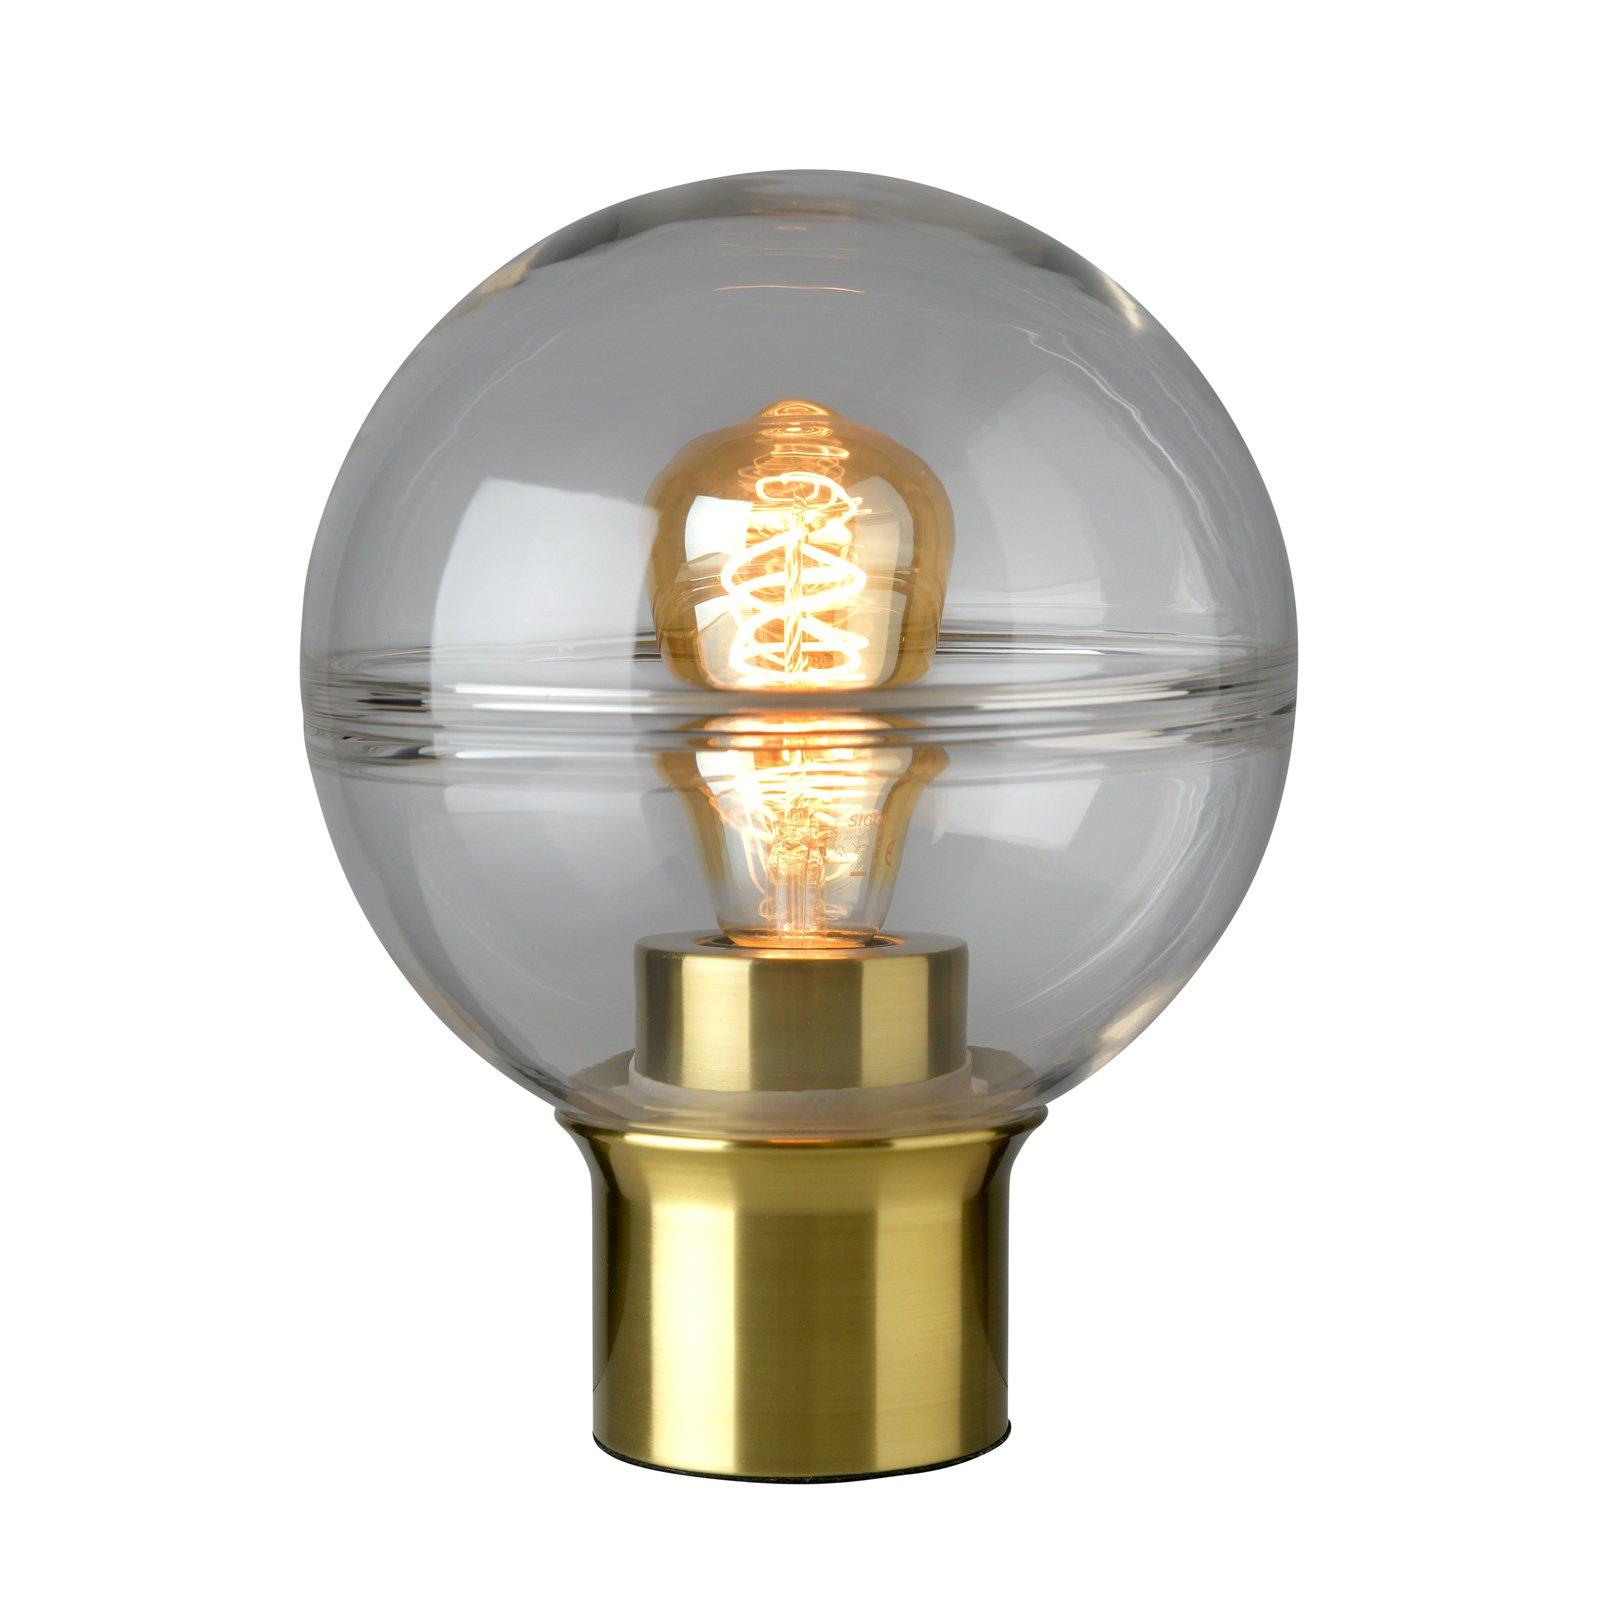 Villeroy & Boch Tokyo-bordlampe, gull Ø 20 cm